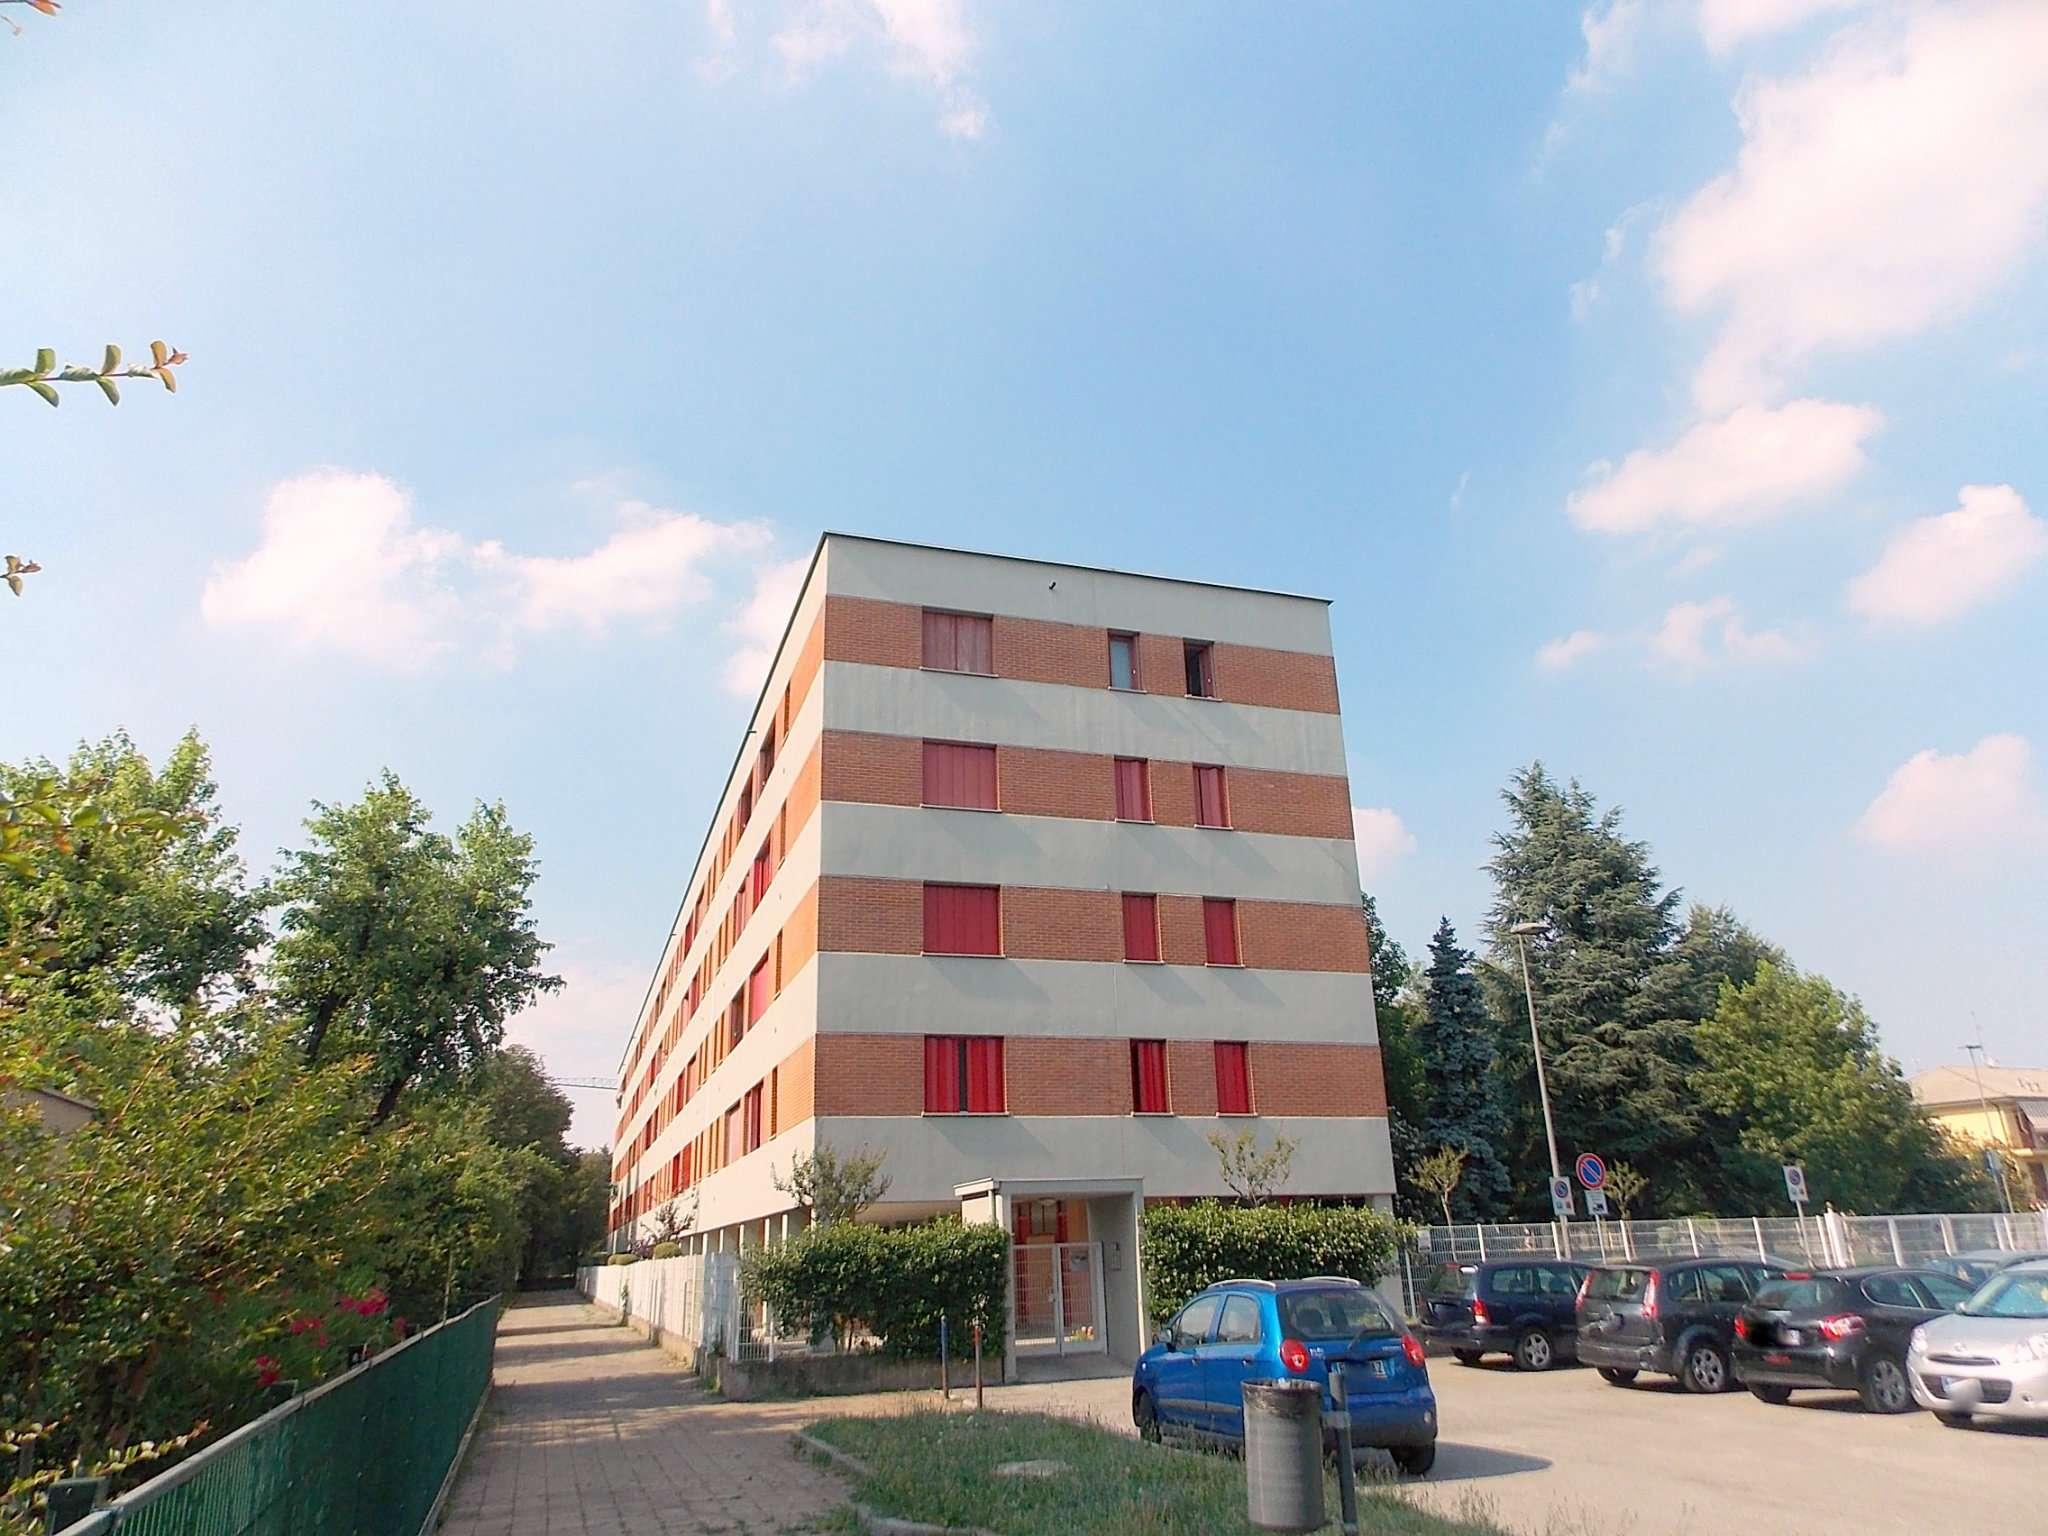 Appartamento in vendita a Nova Milanese, 3 locali, prezzo € 174.000 | CambioCasa.it